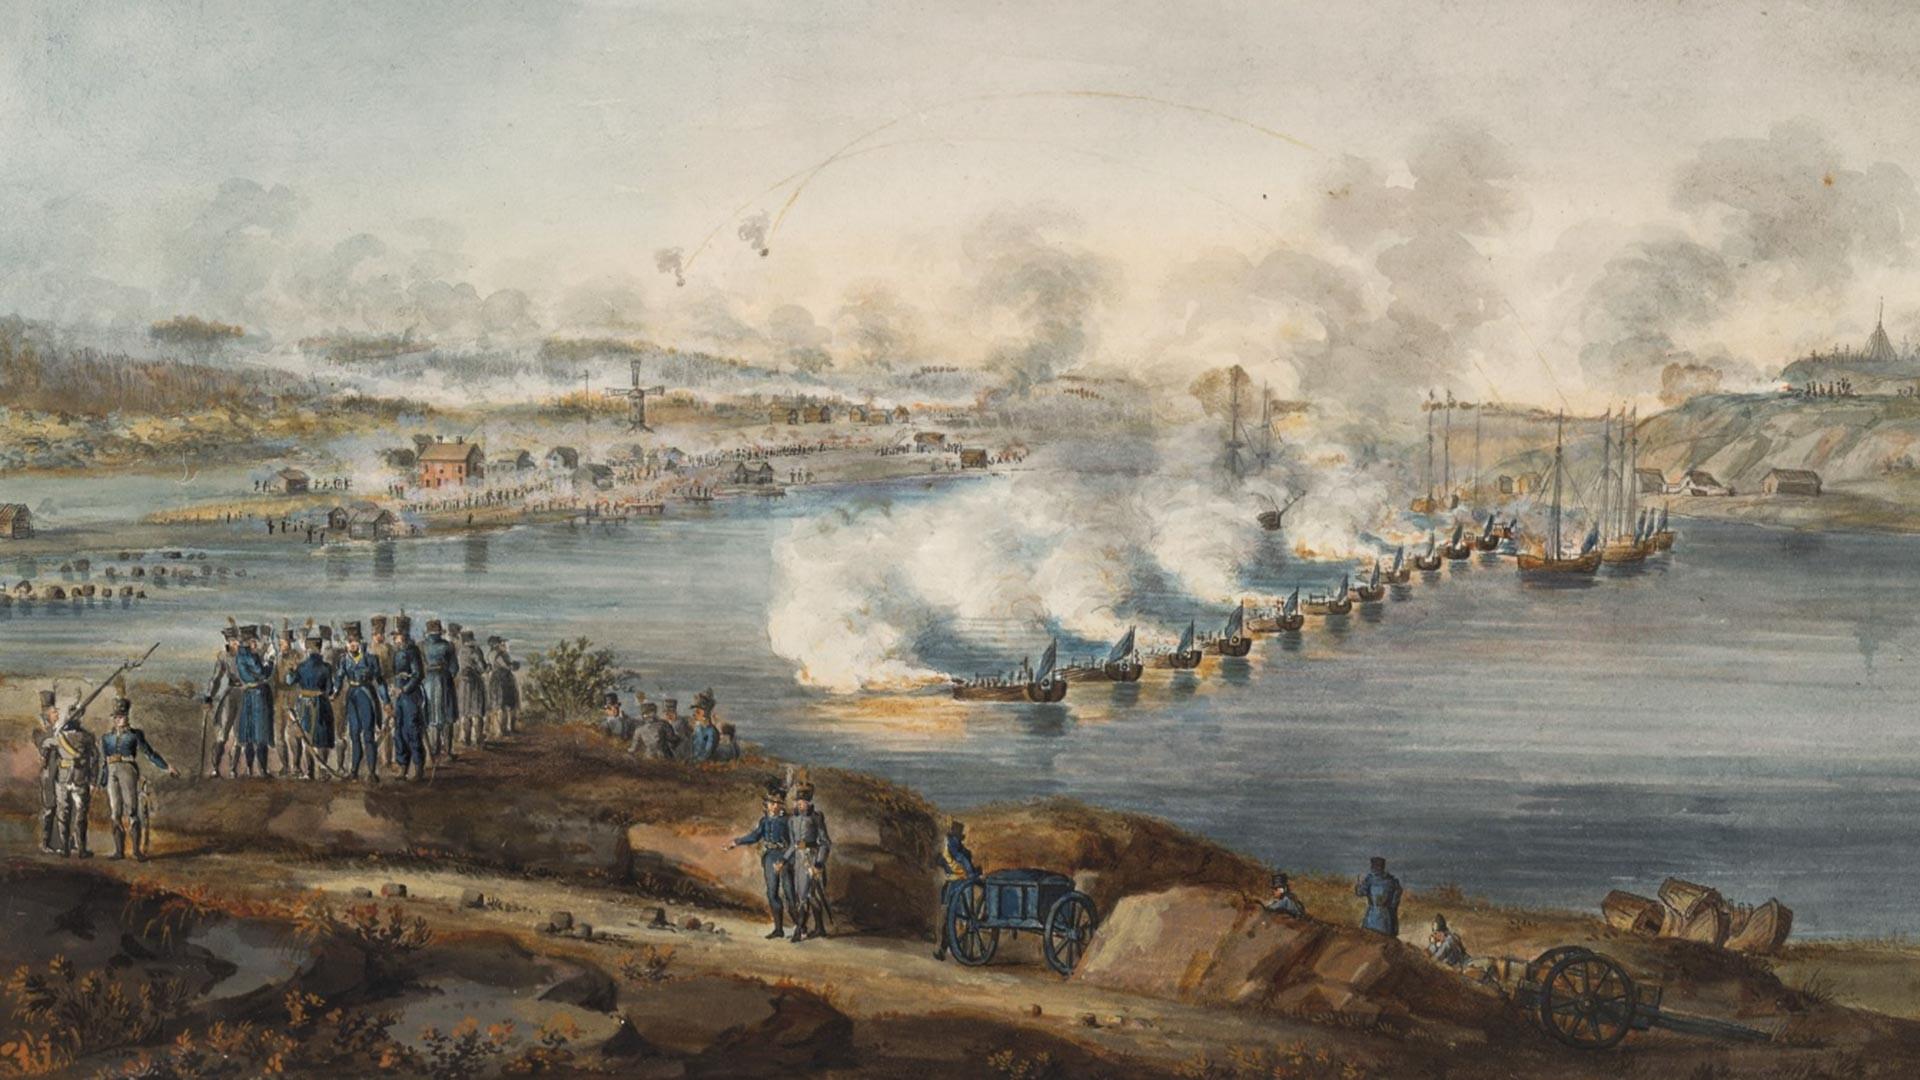 Сражение при Ратане, 1809 г.